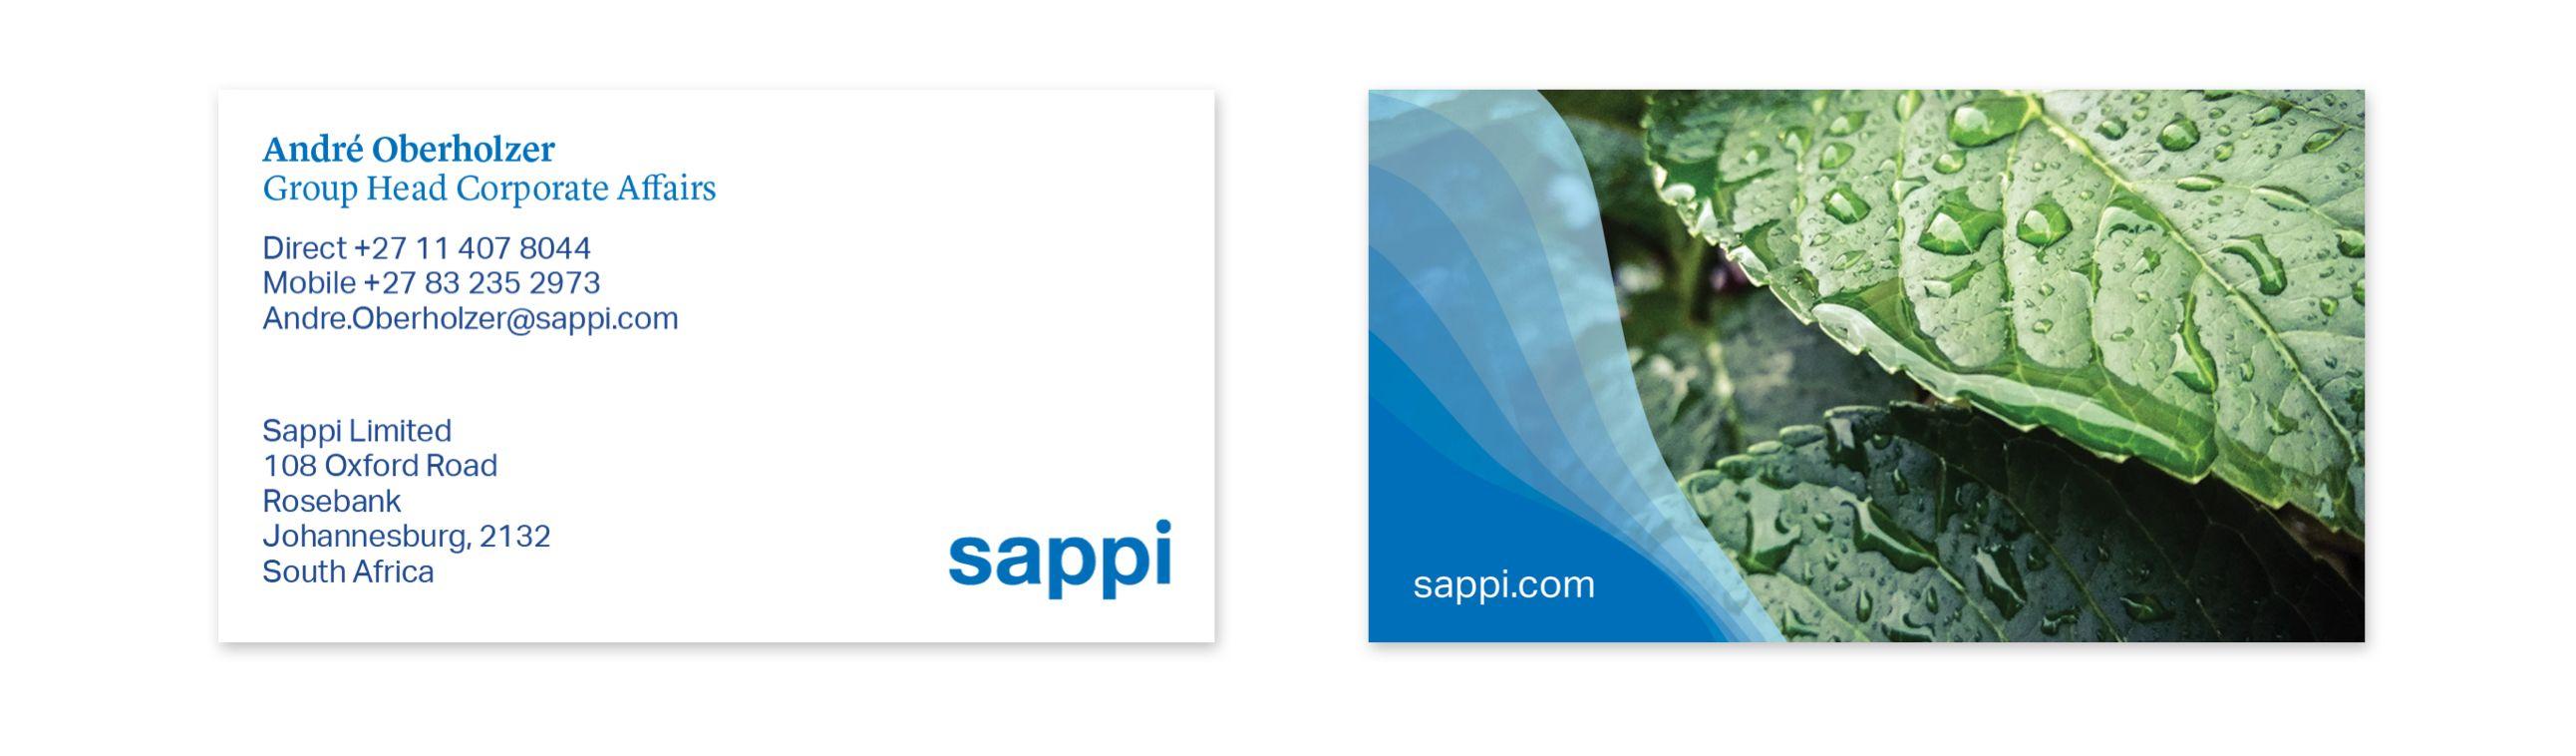 Sappi Business Card Design